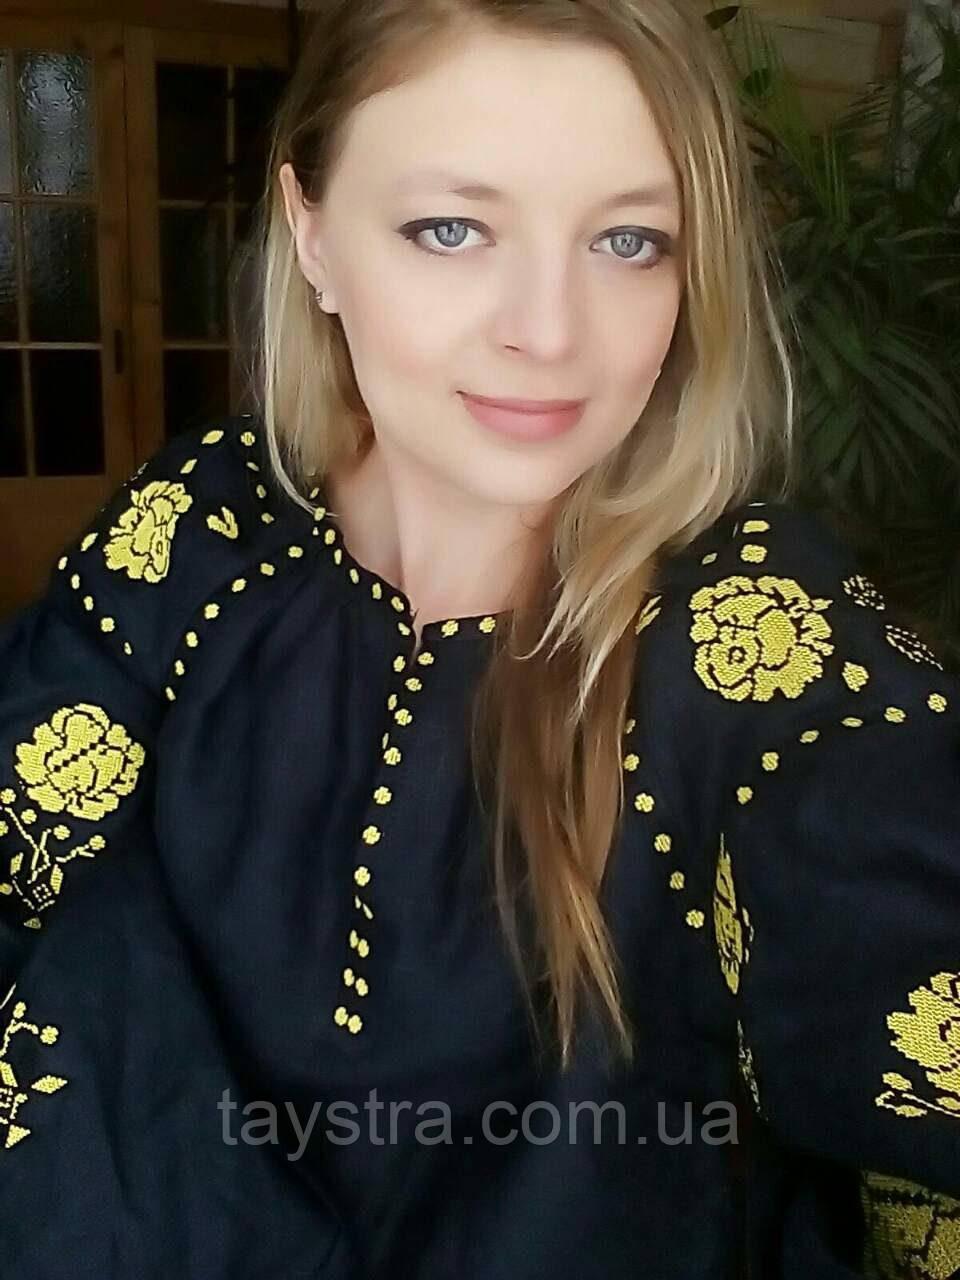 Вышиванка лен бохо блузка вышитая,черный лен, этно стиль, Bohemian